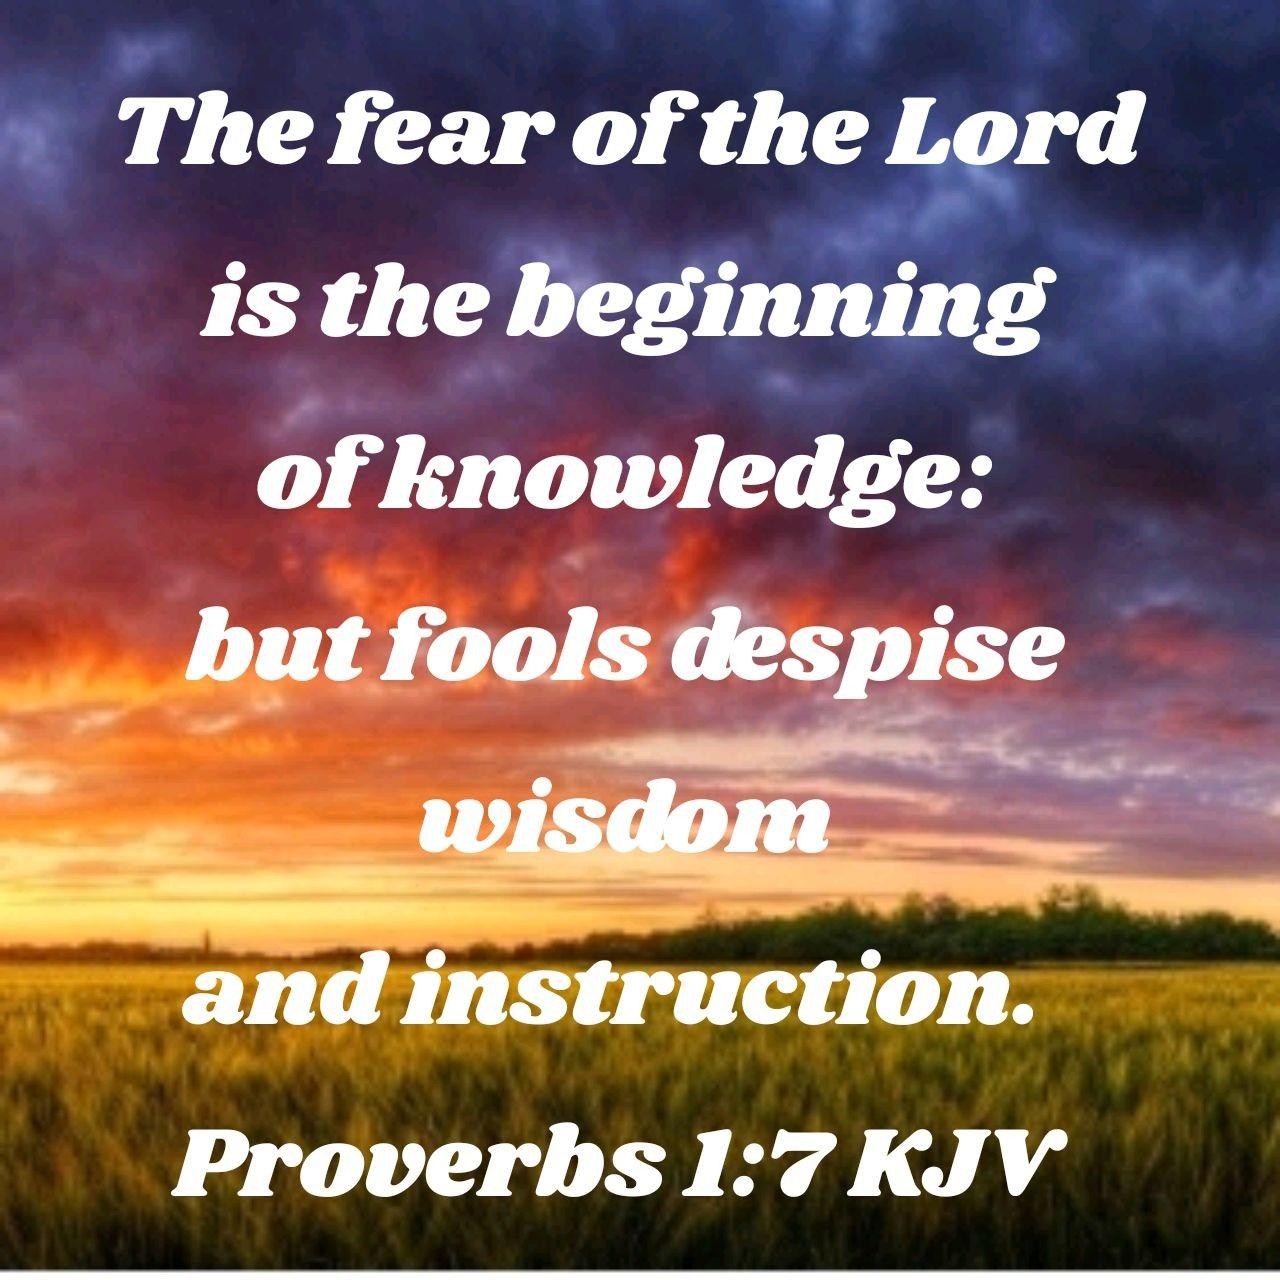 Proverbs 1:7 KJV   Faith verses, Fear of the lord, Proverbs 17 17